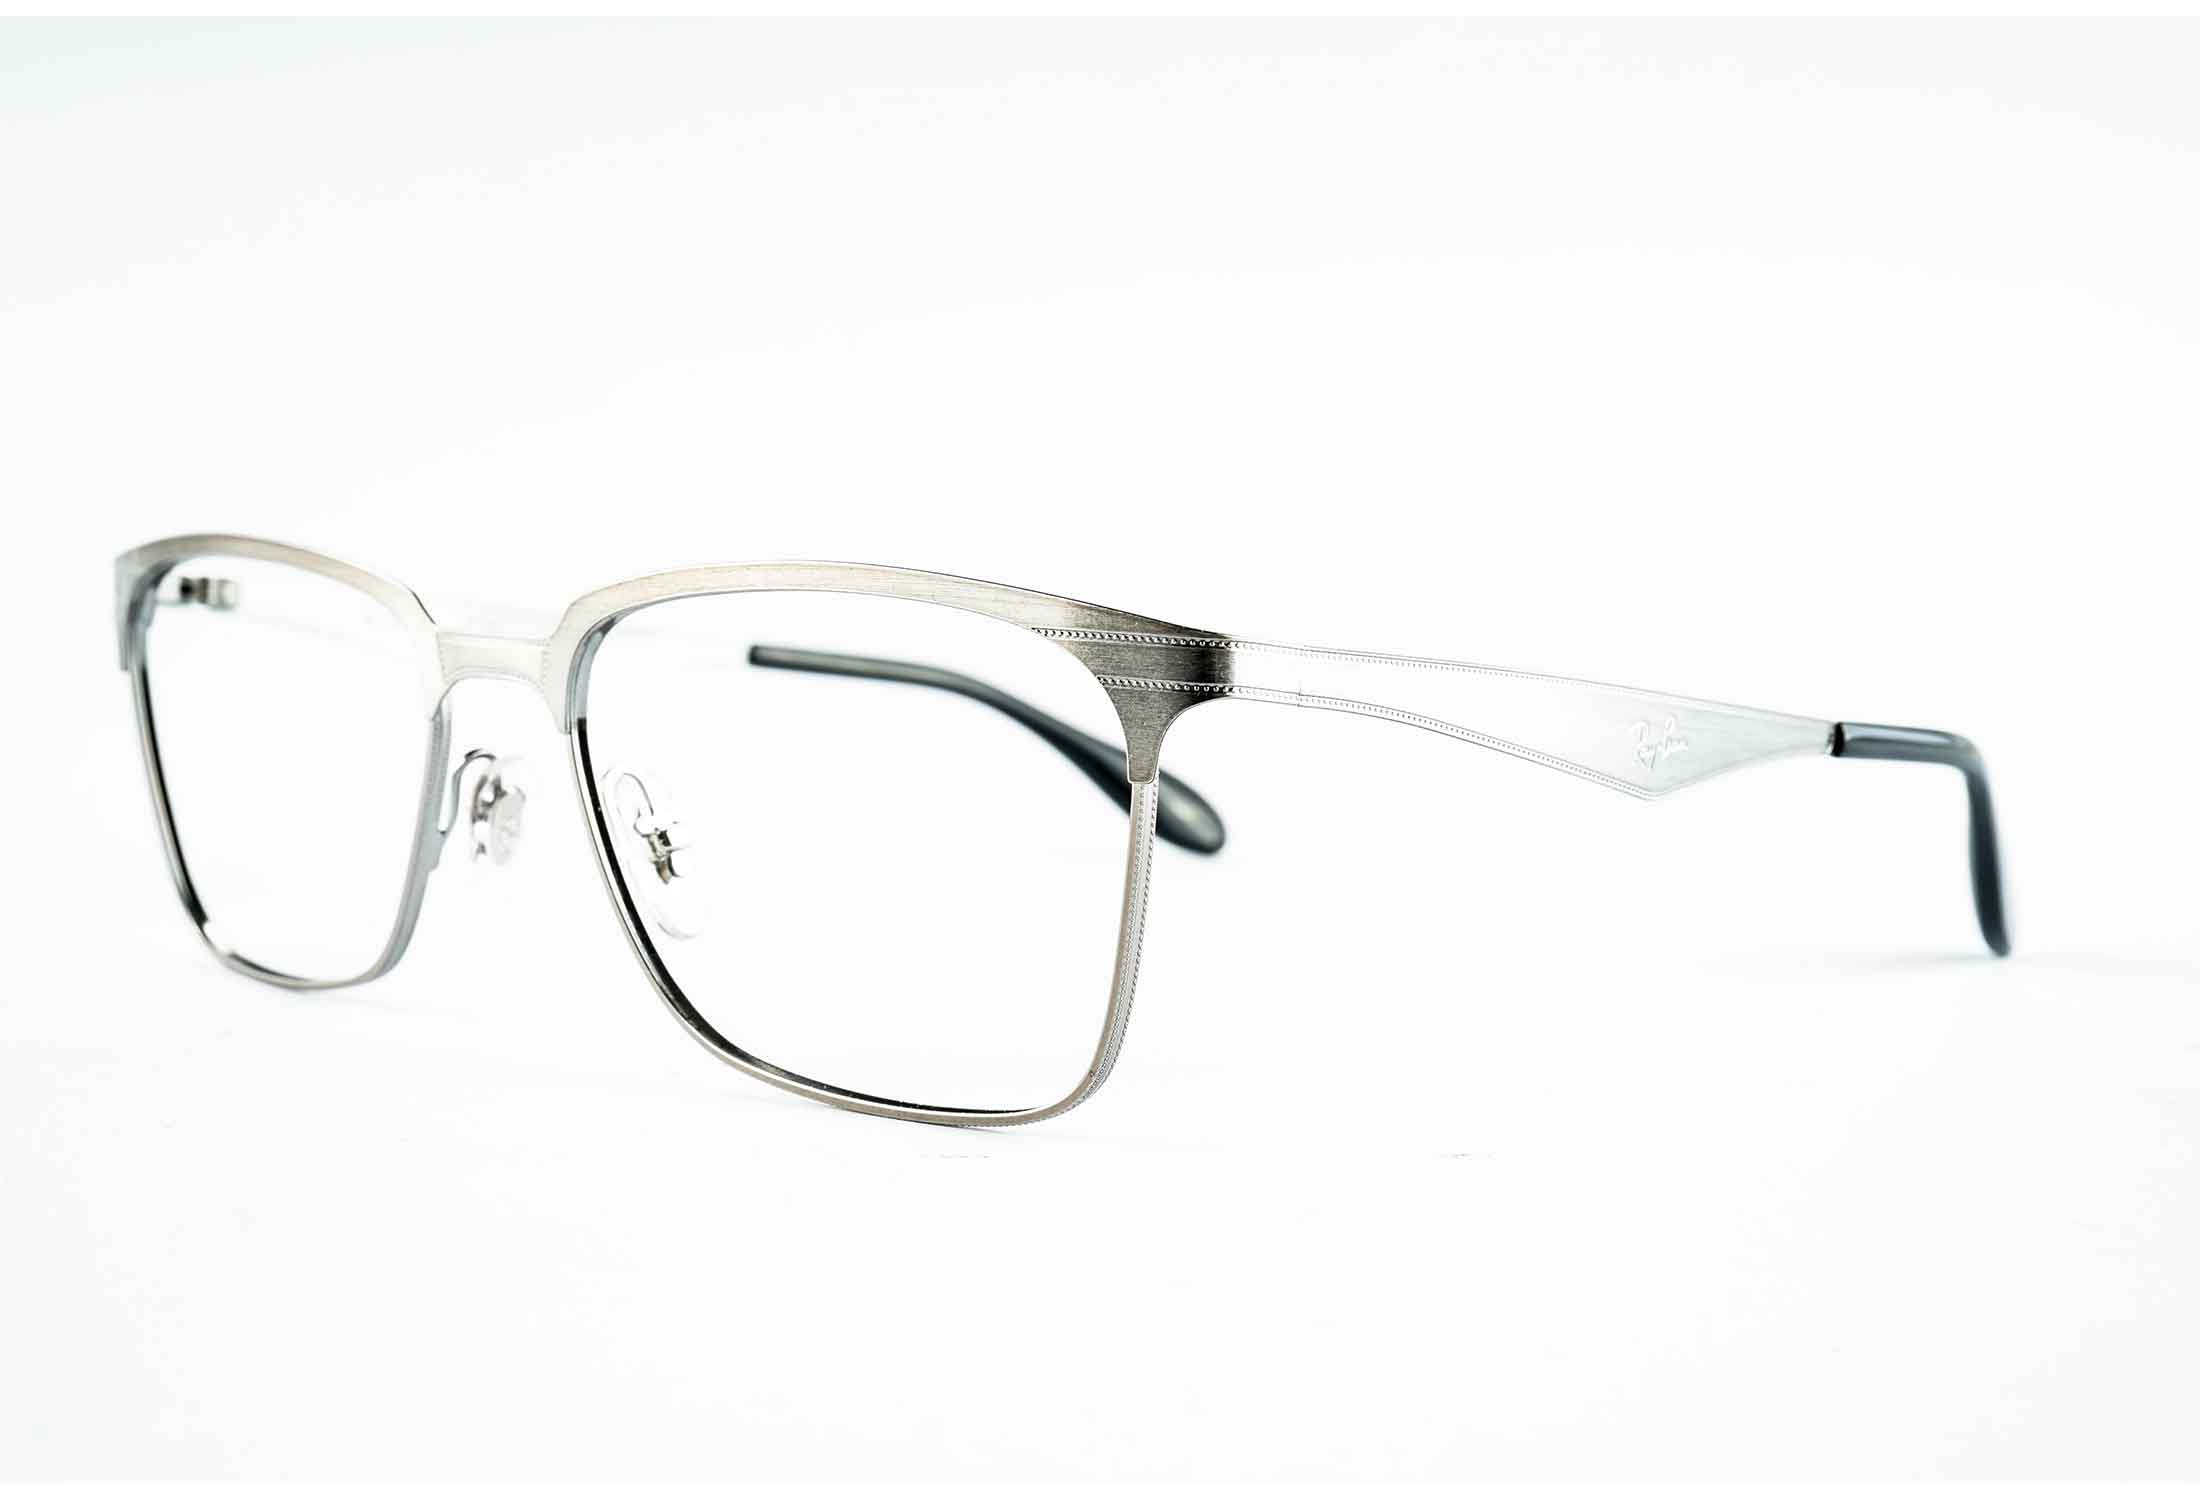 5a5f4ea4c7 Ray-Ban rb6344 eyeglasses